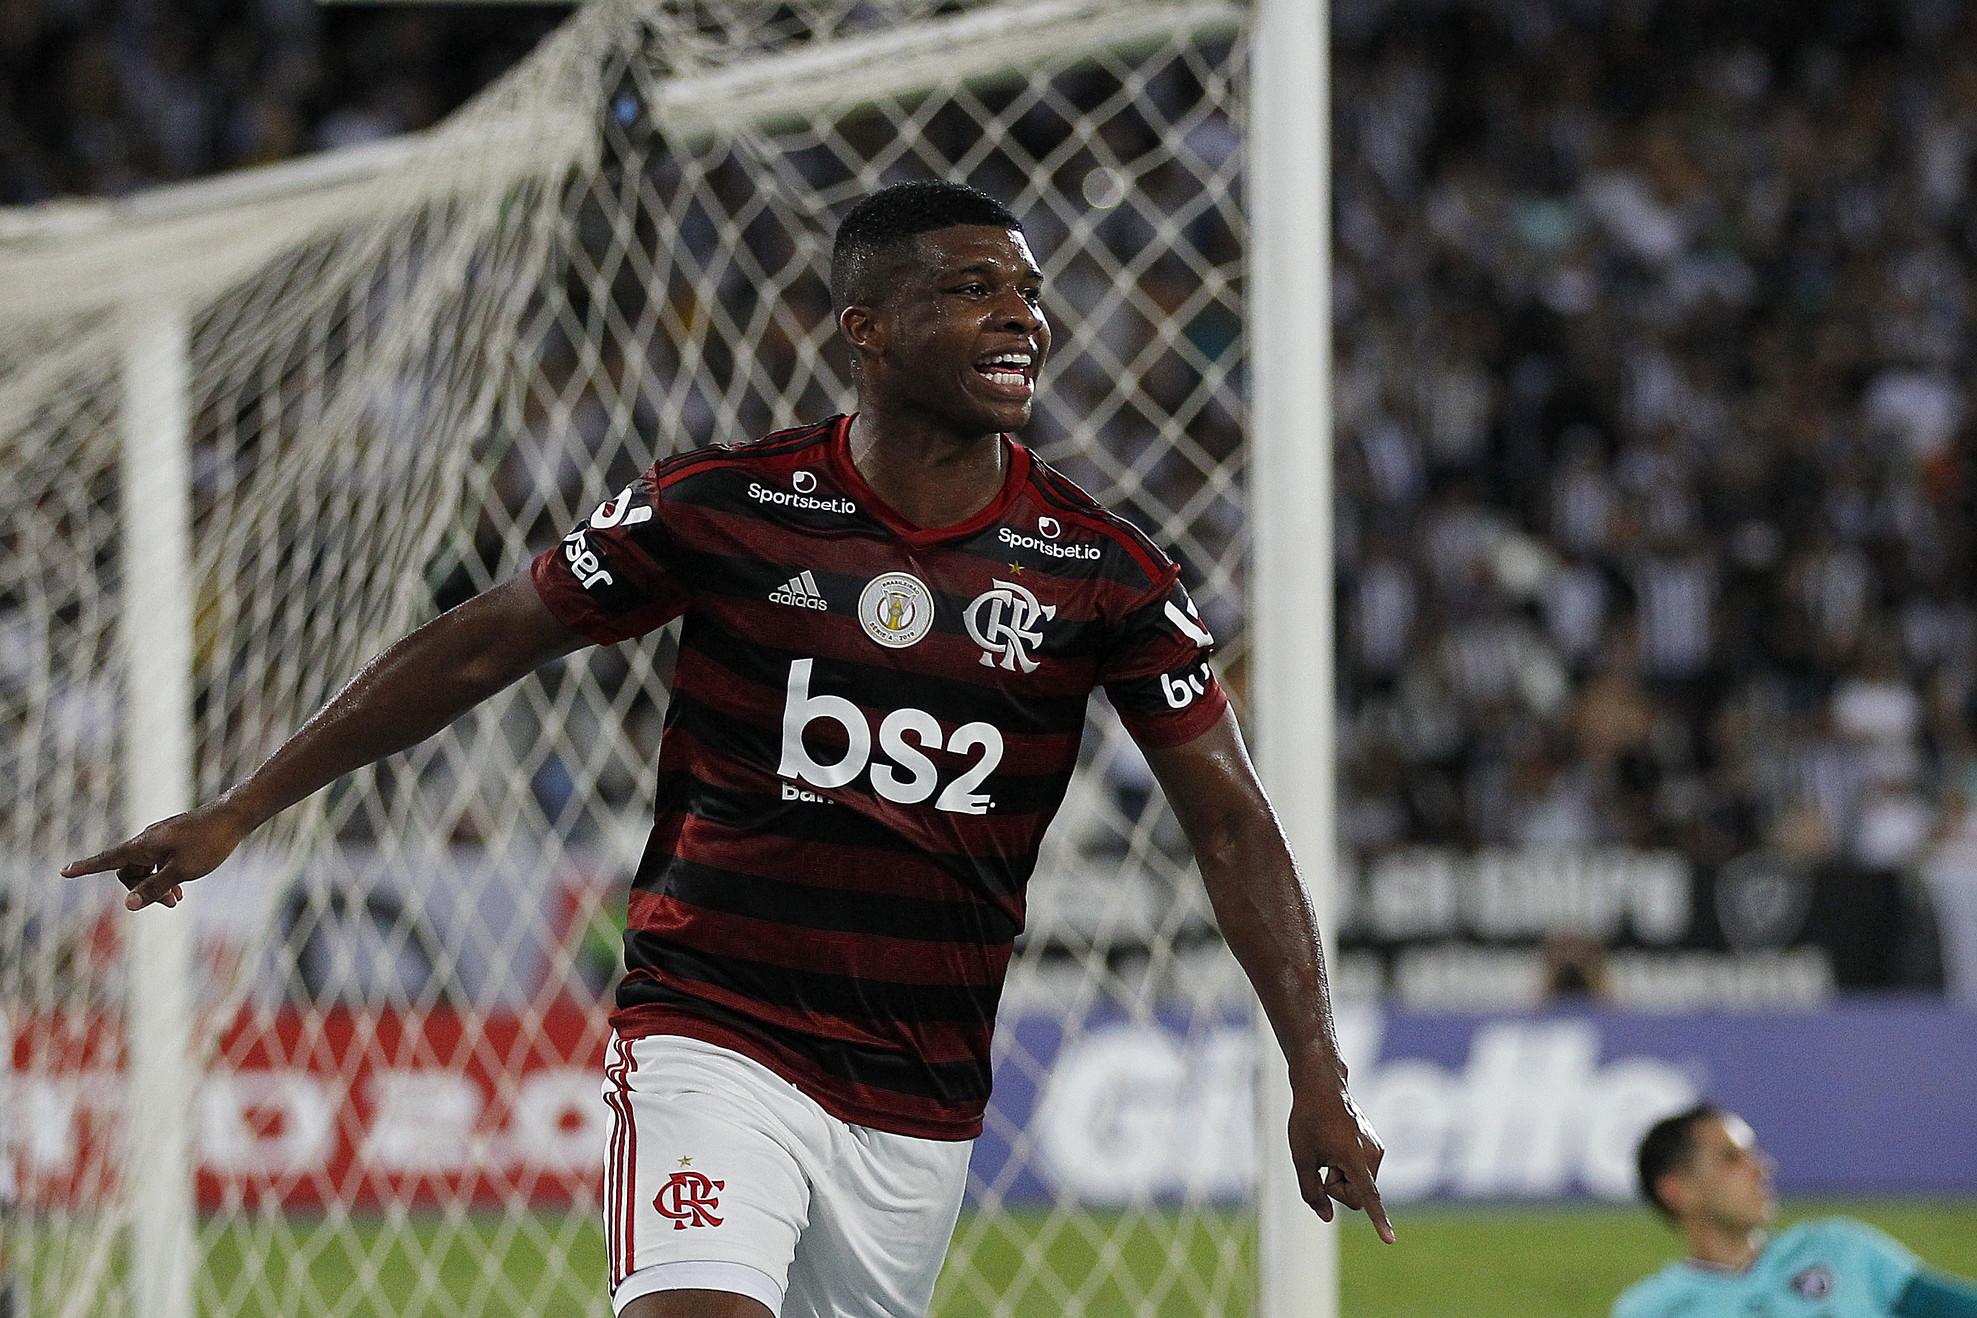 Lincoln (Flamengo)